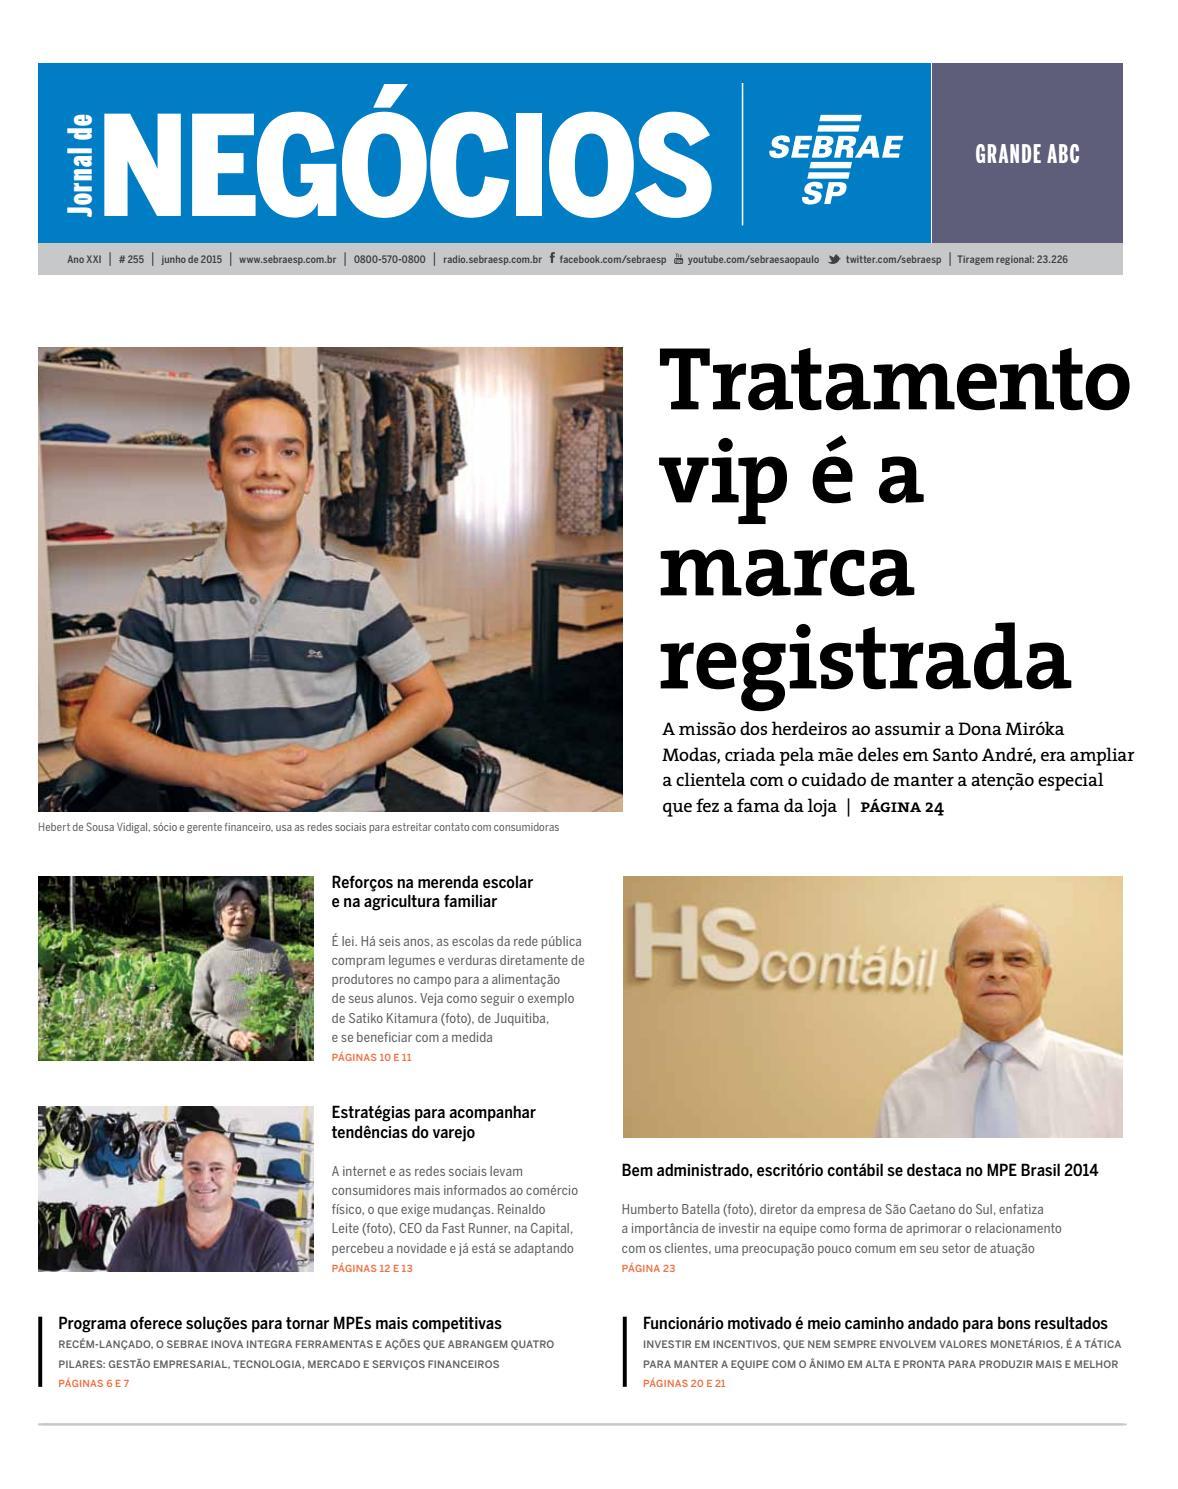 ea489e85eee Jornal de Negócios Sebrae-Sp - 01 de junho de 2015 - Grande ABC by  Sebrae-SP - issuu